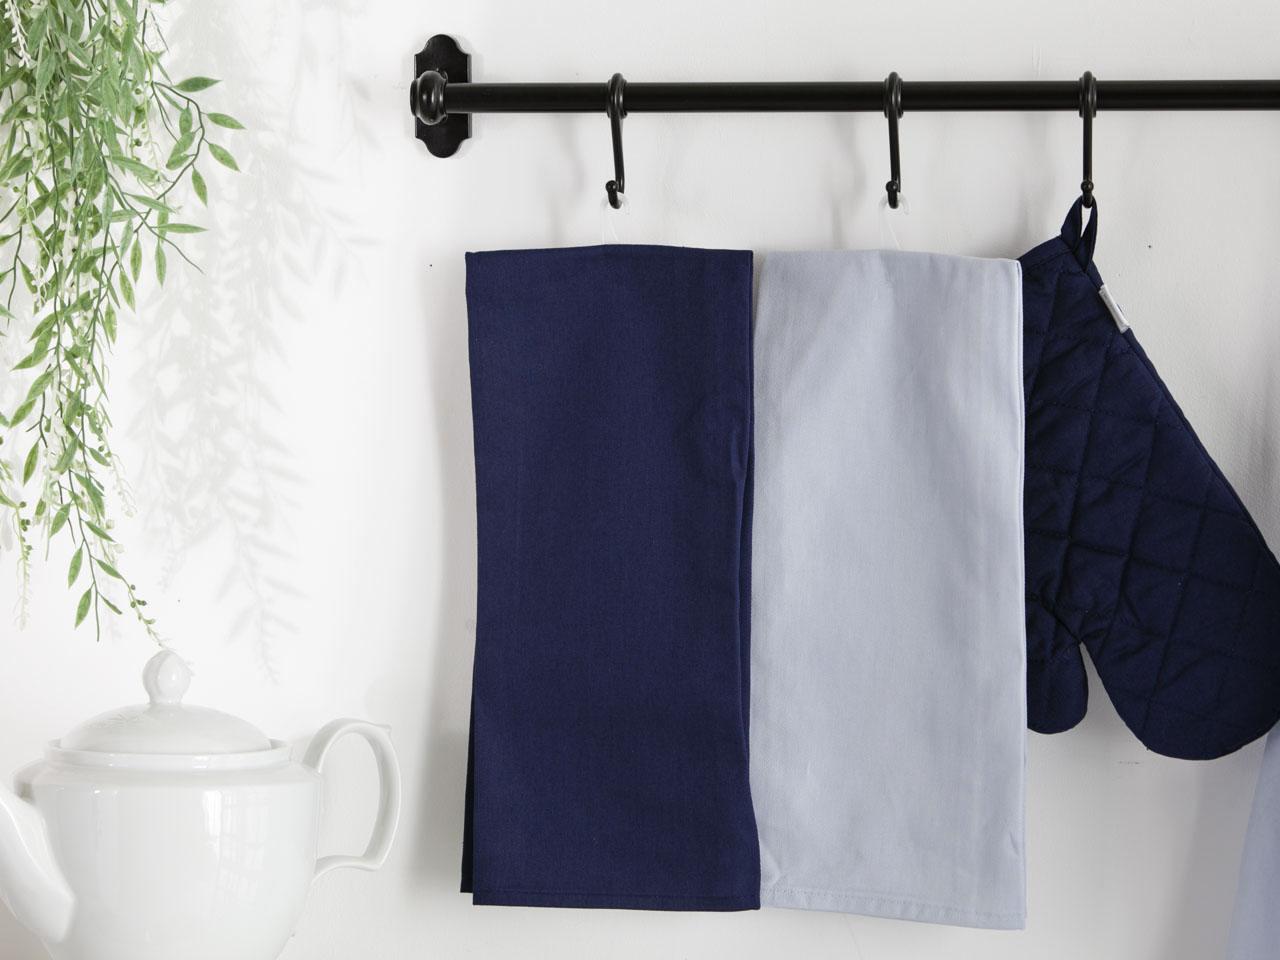 Ręcznik / Ściereczka kuchenna 100% bawełna Altom Design kolekcja Monokolor granatowa